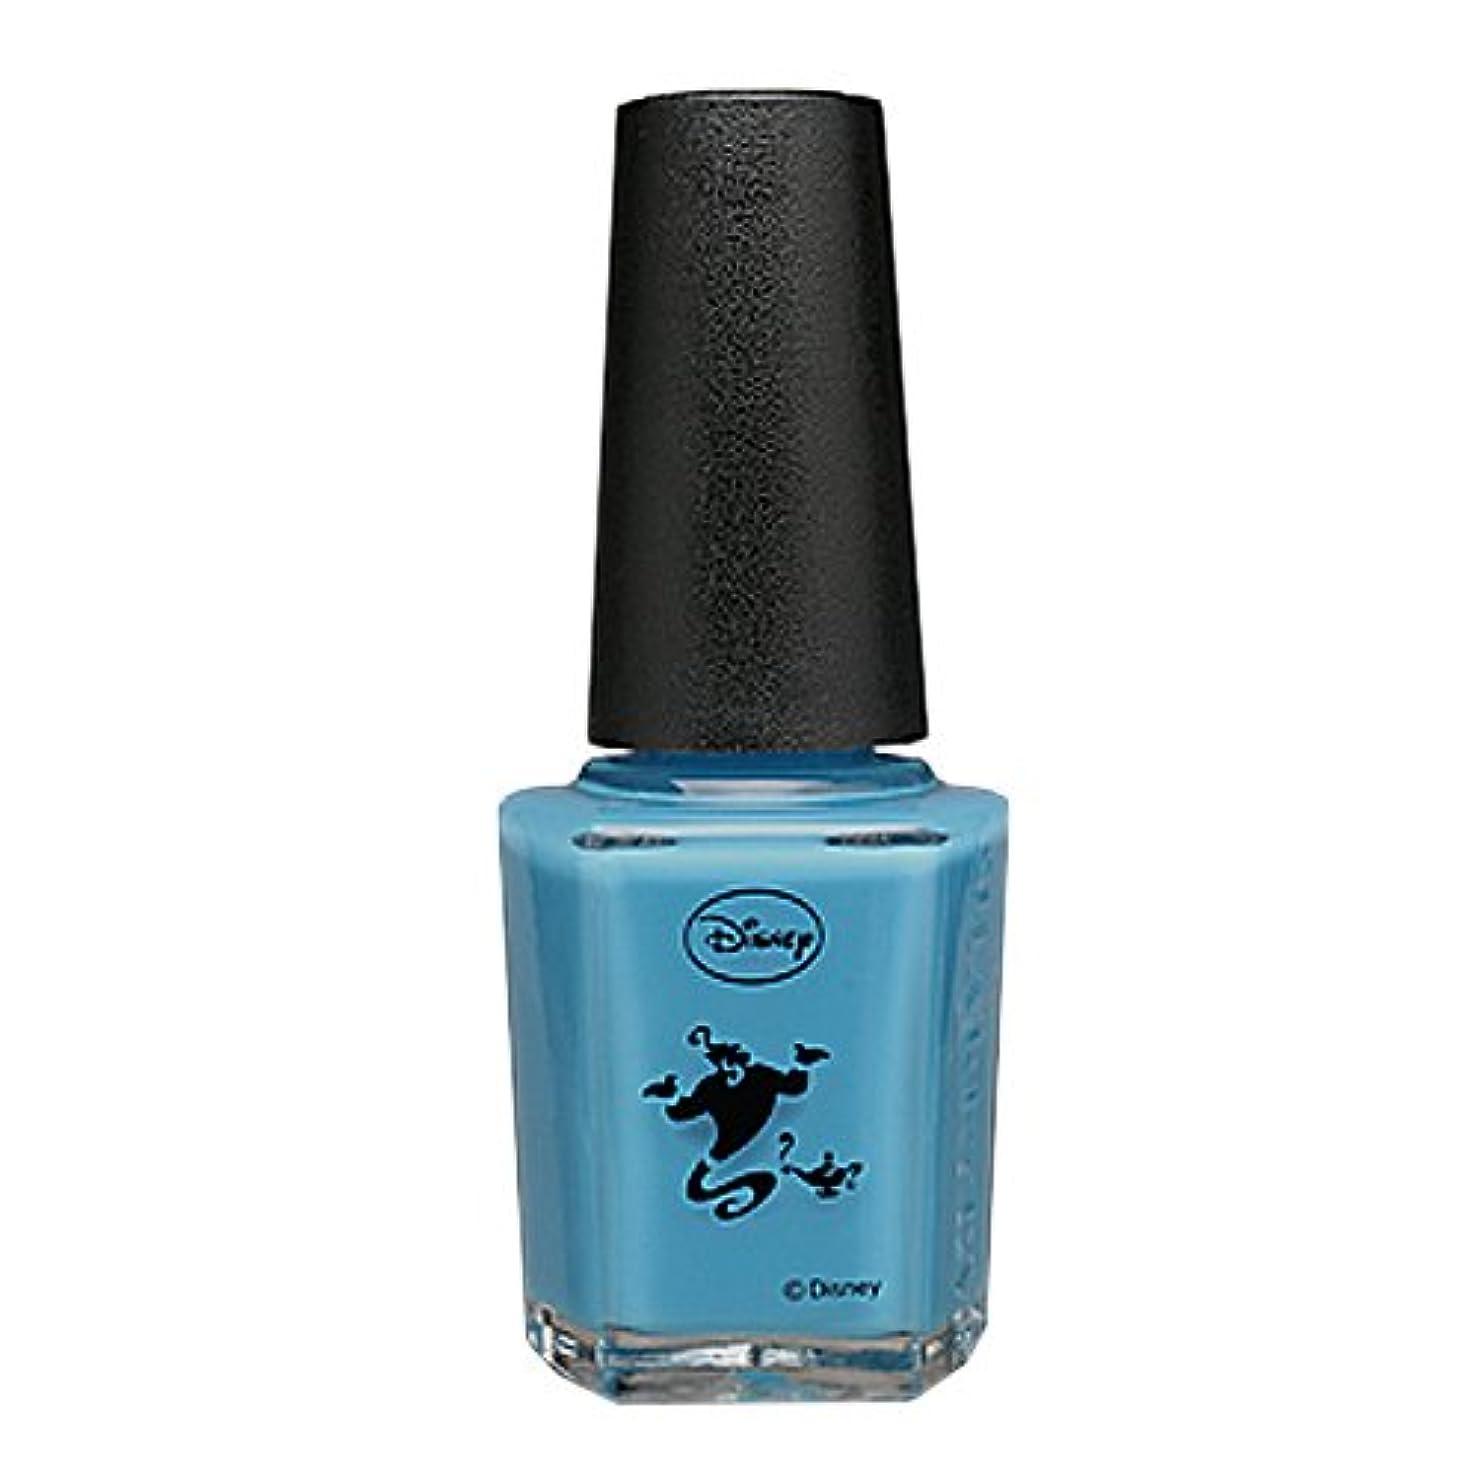 スロット基準クレーターSHAREYDVA カラー No.90 エキゾチックブルー 15ml